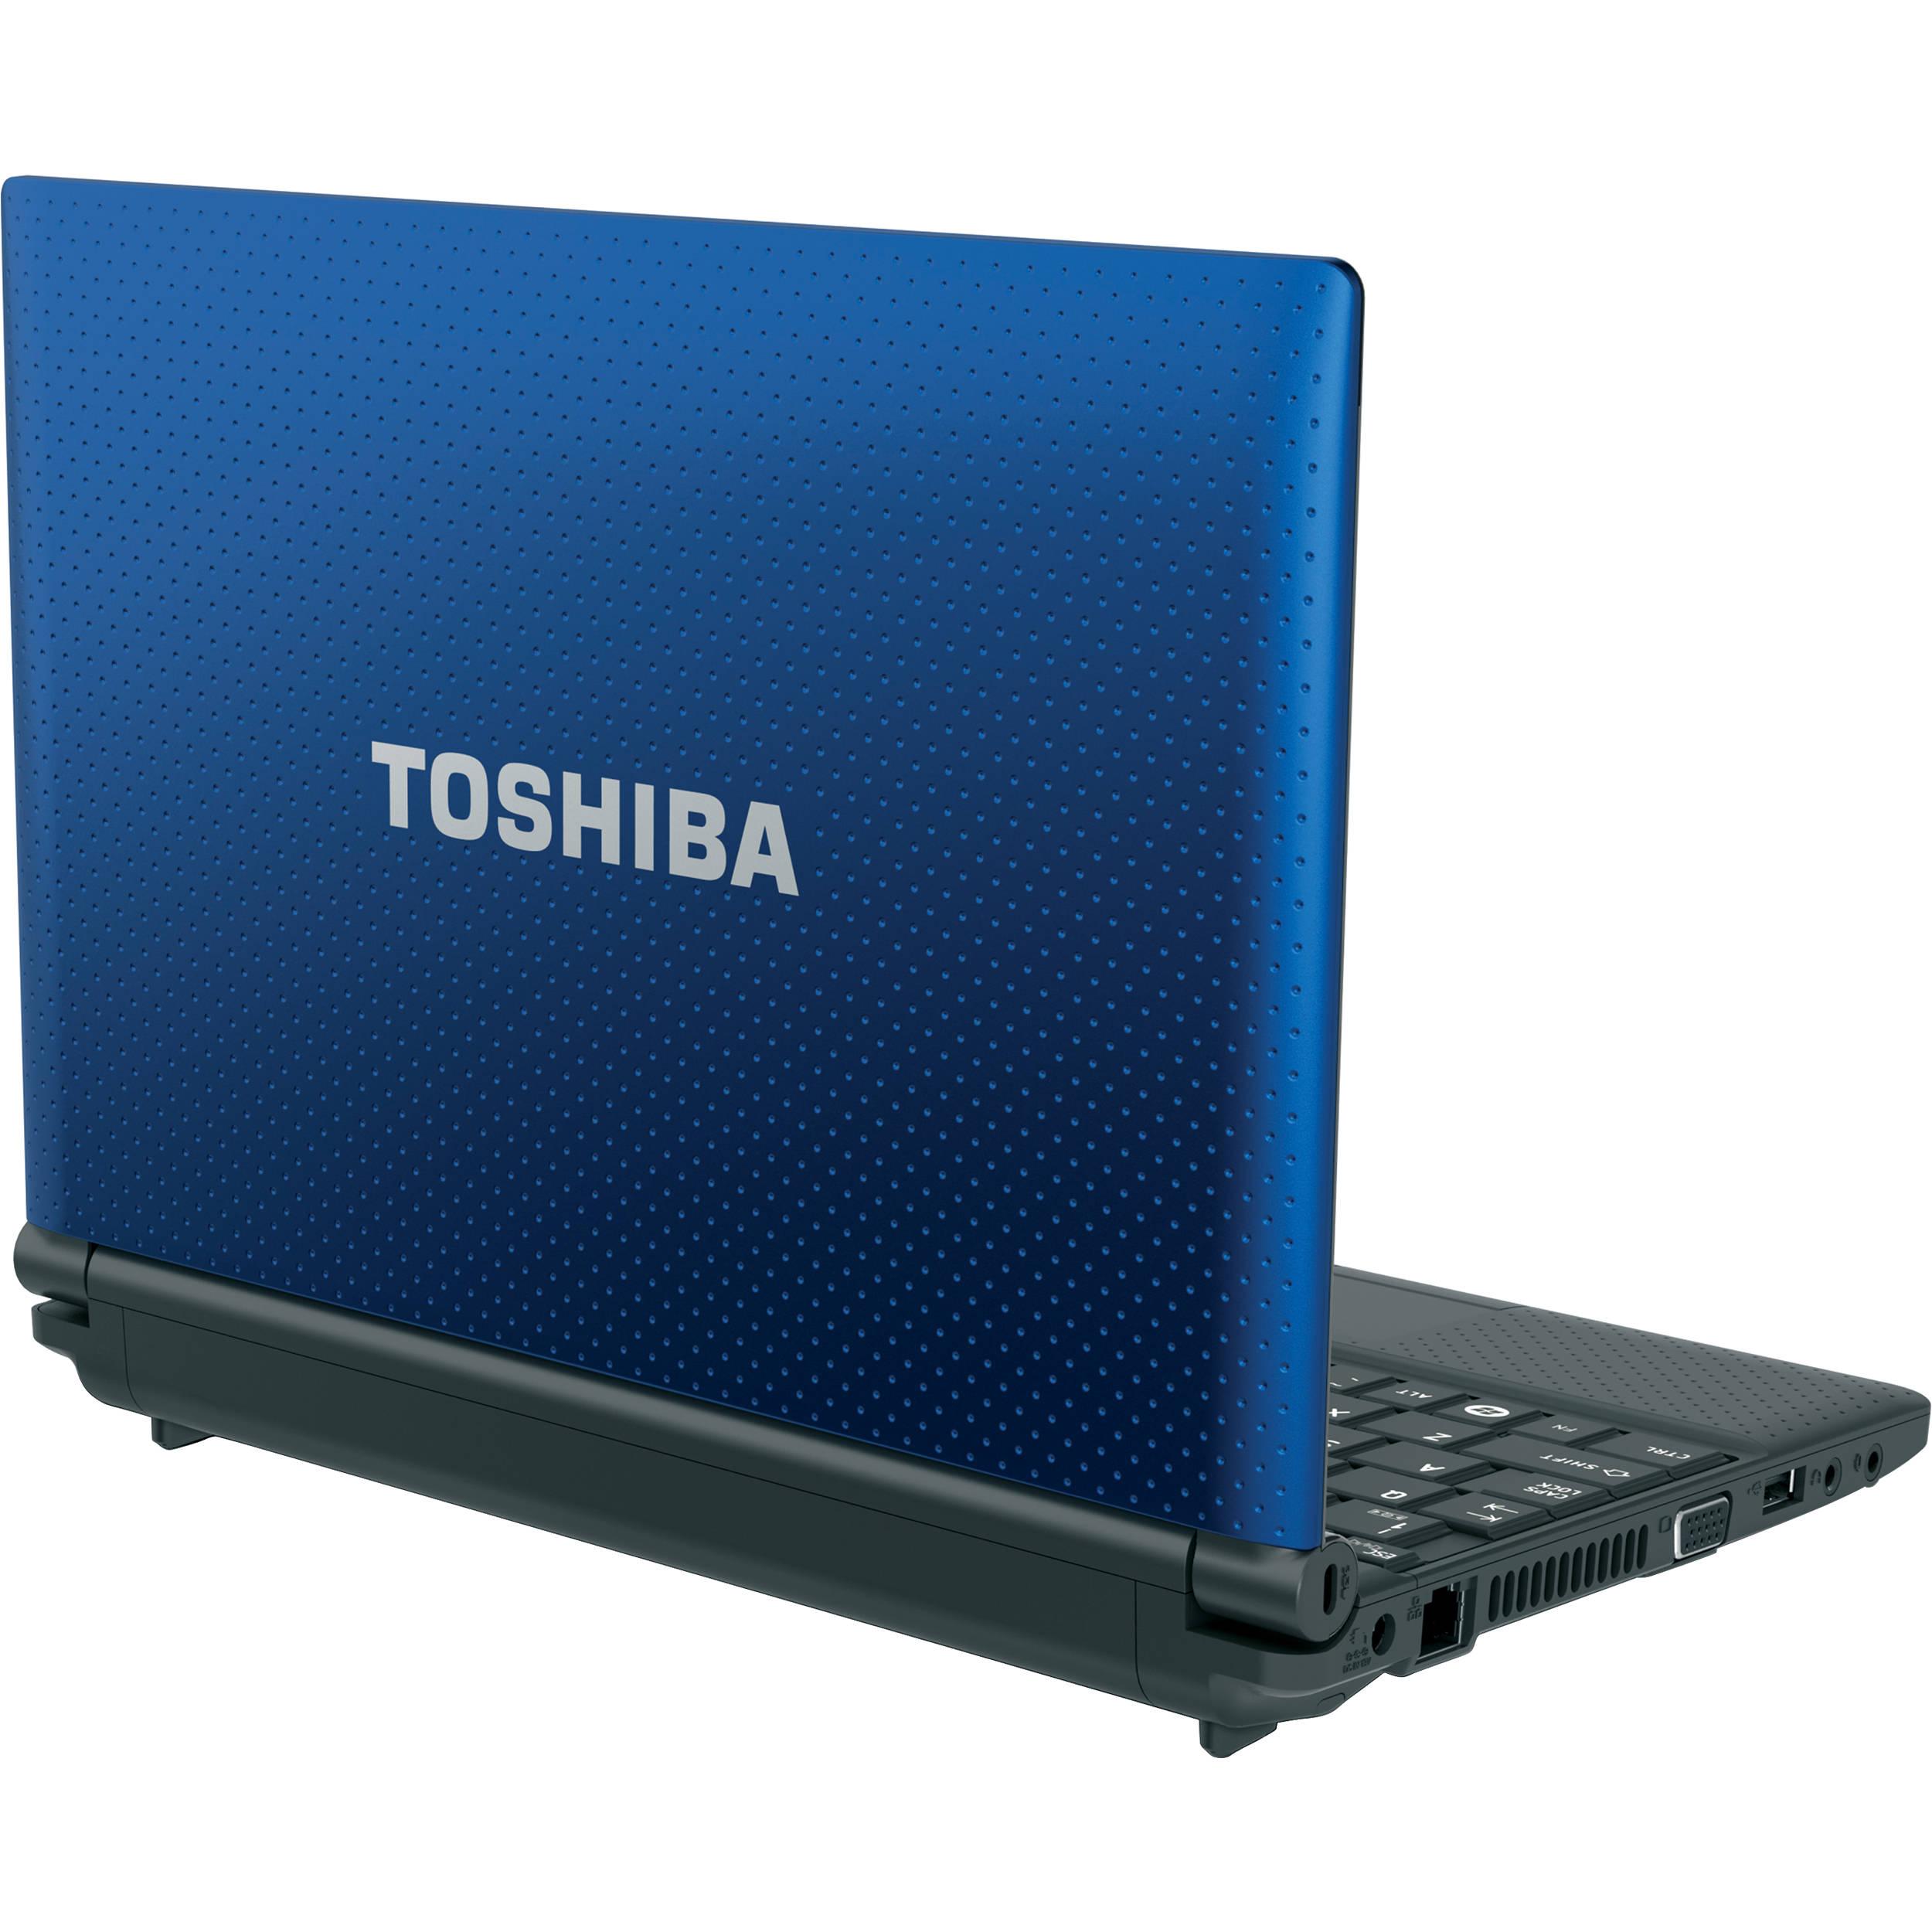 TOSHIBA NB505-N508BL DRIVERS